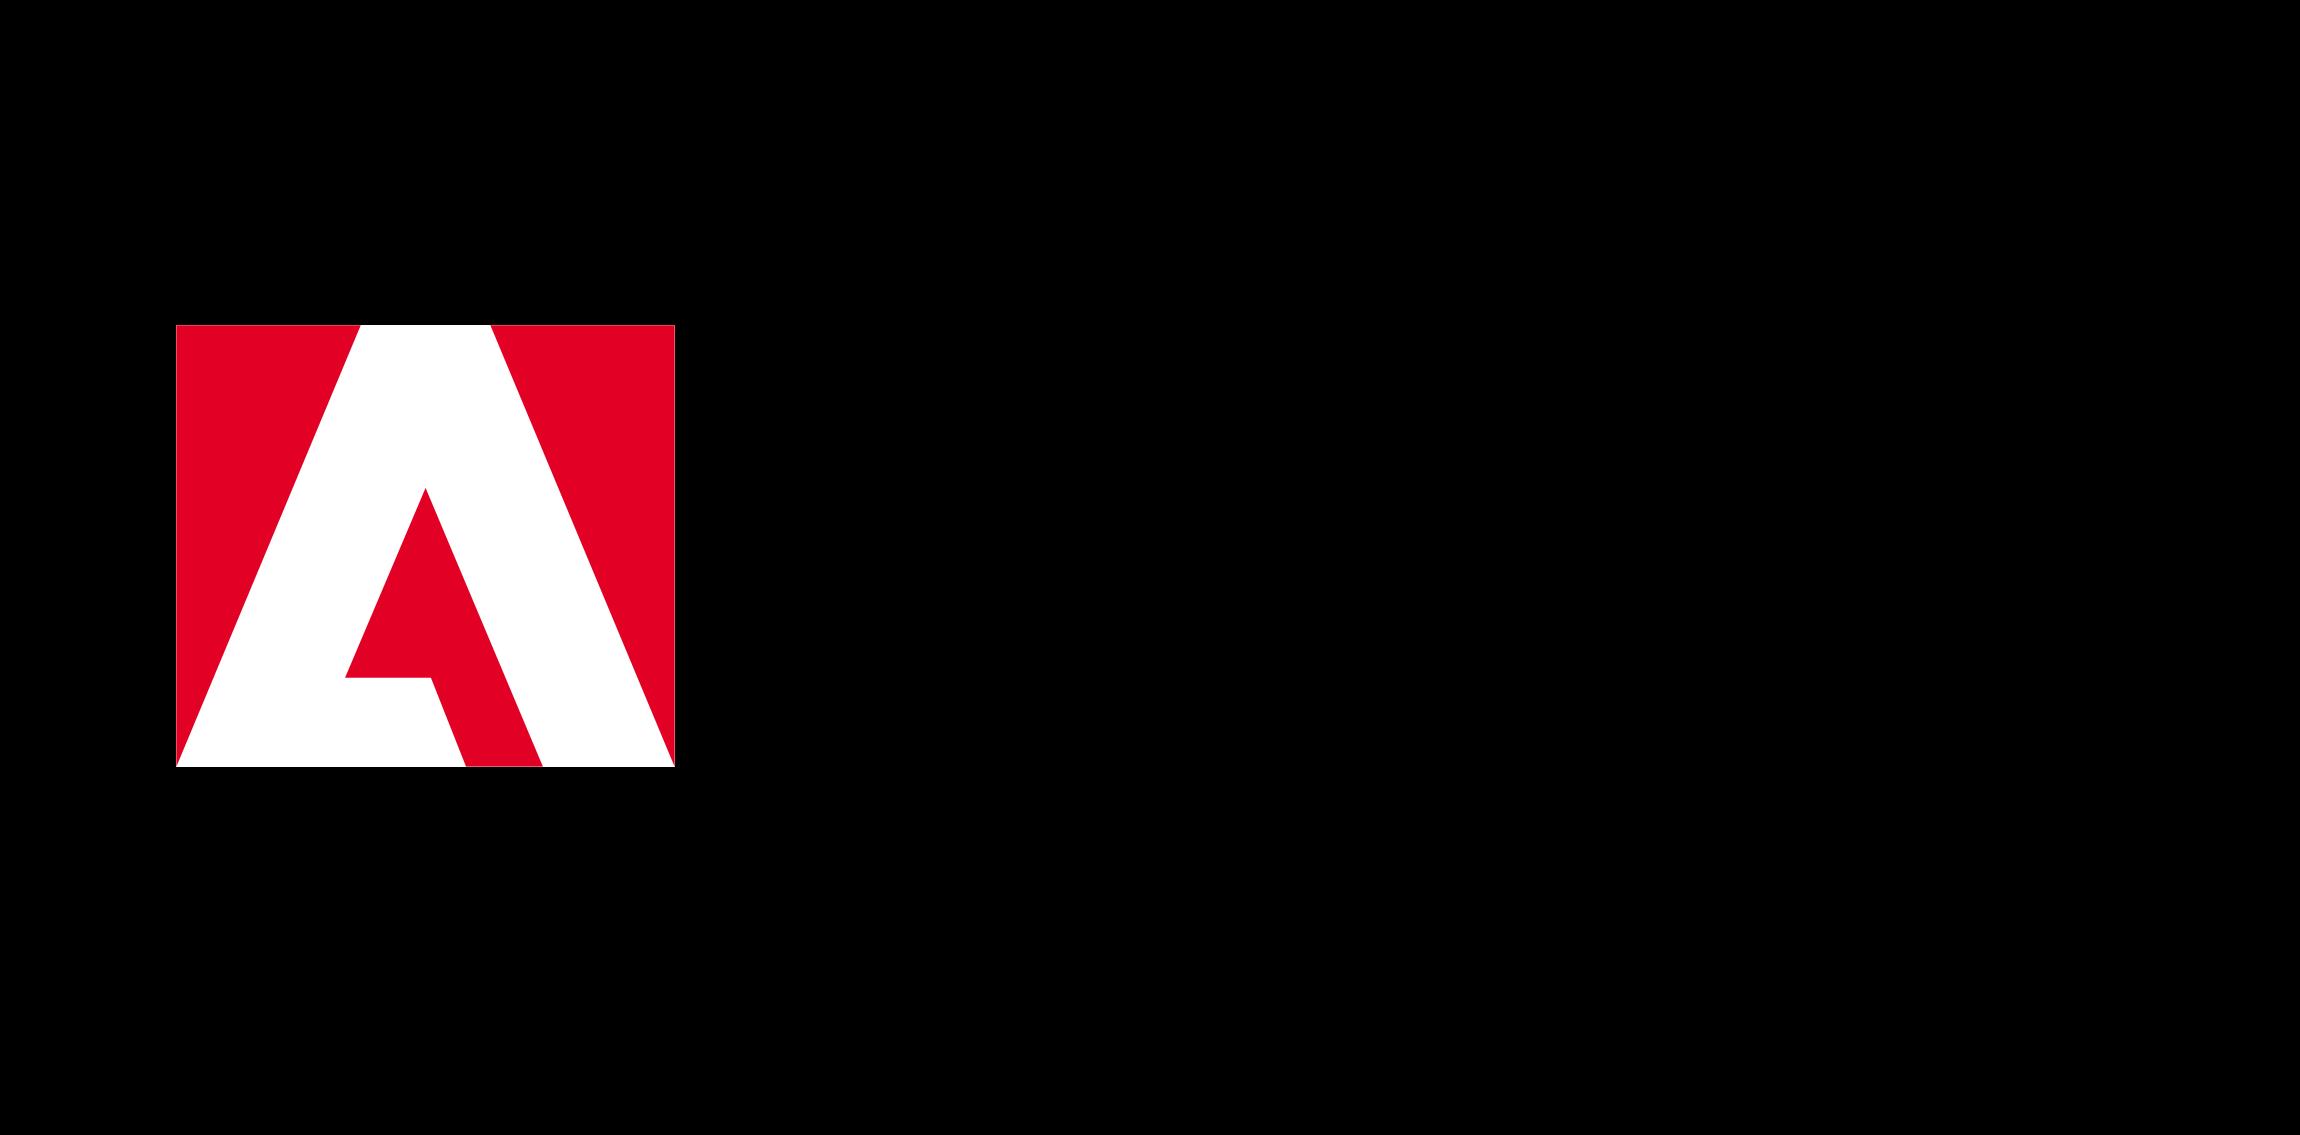 <br><br>Adobe MAX—The Creativity Conference